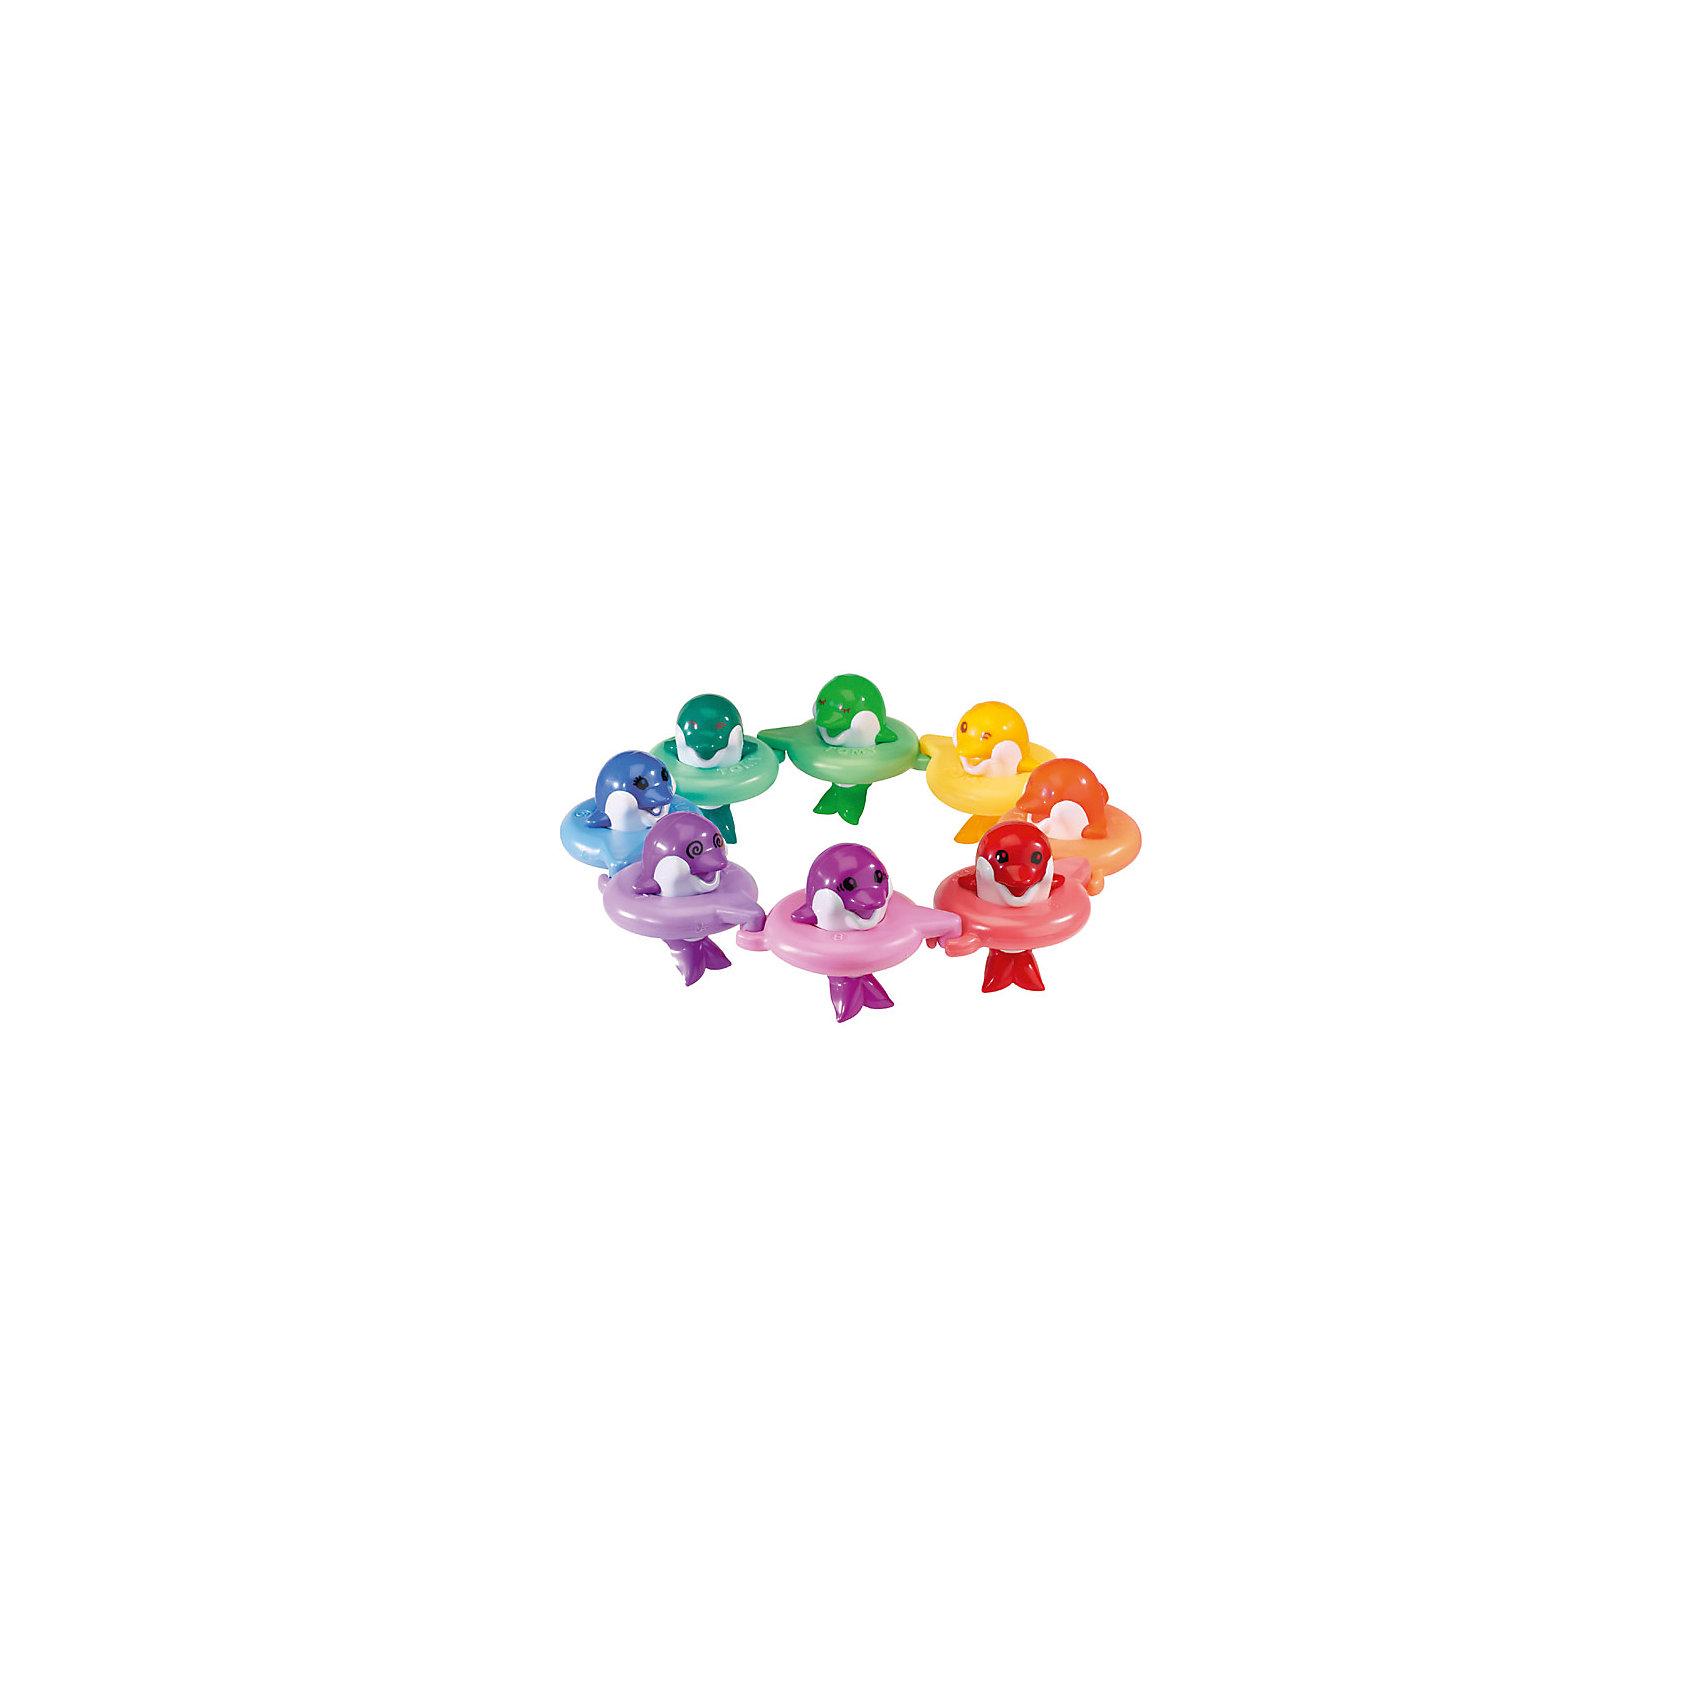 Игрушка для ванной Музыкальные дельфины, TOMYИгрушка для купания «Музыкальные дельфины До-ре-ми» из серии AQUA FUN известного бренда TOMY (Томи) - это дельфины ярких цветов, каждый из которых пропоёт свою ноту, стоит лишь погладить его по голове.<br><br>Малыш сможет подпевать дельфинам, сортировать их по цвету, соединять в круг или в ряд или же просто играть с каждым из них по отдельности. Если расположить дельфинов в ряд – они споют гамму. Играя с дельфинами, Ваш ребенок сможет сочинять собственные музыкальные композиции!<br><br>Данная игрушка очень полезна для детей от 12 месяцнв до 6 лет, так как с помощью неё у ребёнка развивается восприятие цвета и звука, что раскрывает его таланты!<br><br>Подарите Вашему ребёнку возможность побыть маленьким музыкантом!<br><br>В комплекте:<br>- 8  дельфинов разных цветов <br>- 8 кругов (дельфины из кругов также можно вытаскивать)<br><br>Дополнительная информация:<br>Размер упаковки – 40х28х10 см<br>Длина дельфина – 12 см<br>Диаметр круга – 11 см<br>Материал – высококачественный пластик<br>Дополнительные батарейки не нужны!<br><br>С замечательными разноцветными улыбающимися дельфинчиками, водные процедуры будут доставлять Вашему малышу невероятное удовольствие! Музыкальных дельфинов от Томи Вы можете купить в нашем интернет-магазине.<br><br>Серия игрушек для купания Tomy Аква Фан дарит Вам прекрасную возможность побыть вместе с малышом и одновременно приучить его к ежевечернему ритуалу купания перед сном.<br><br>Ширина мм: 302<br>Глубина мм: 281<br>Высота мм: 100<br>Вес г: 1009<br>Возраст от месяцев: 12<br>Возраст до месяцев: 48<br>Пол: Унисекс<br>Возраст: Детский<br>SKU: 1698384